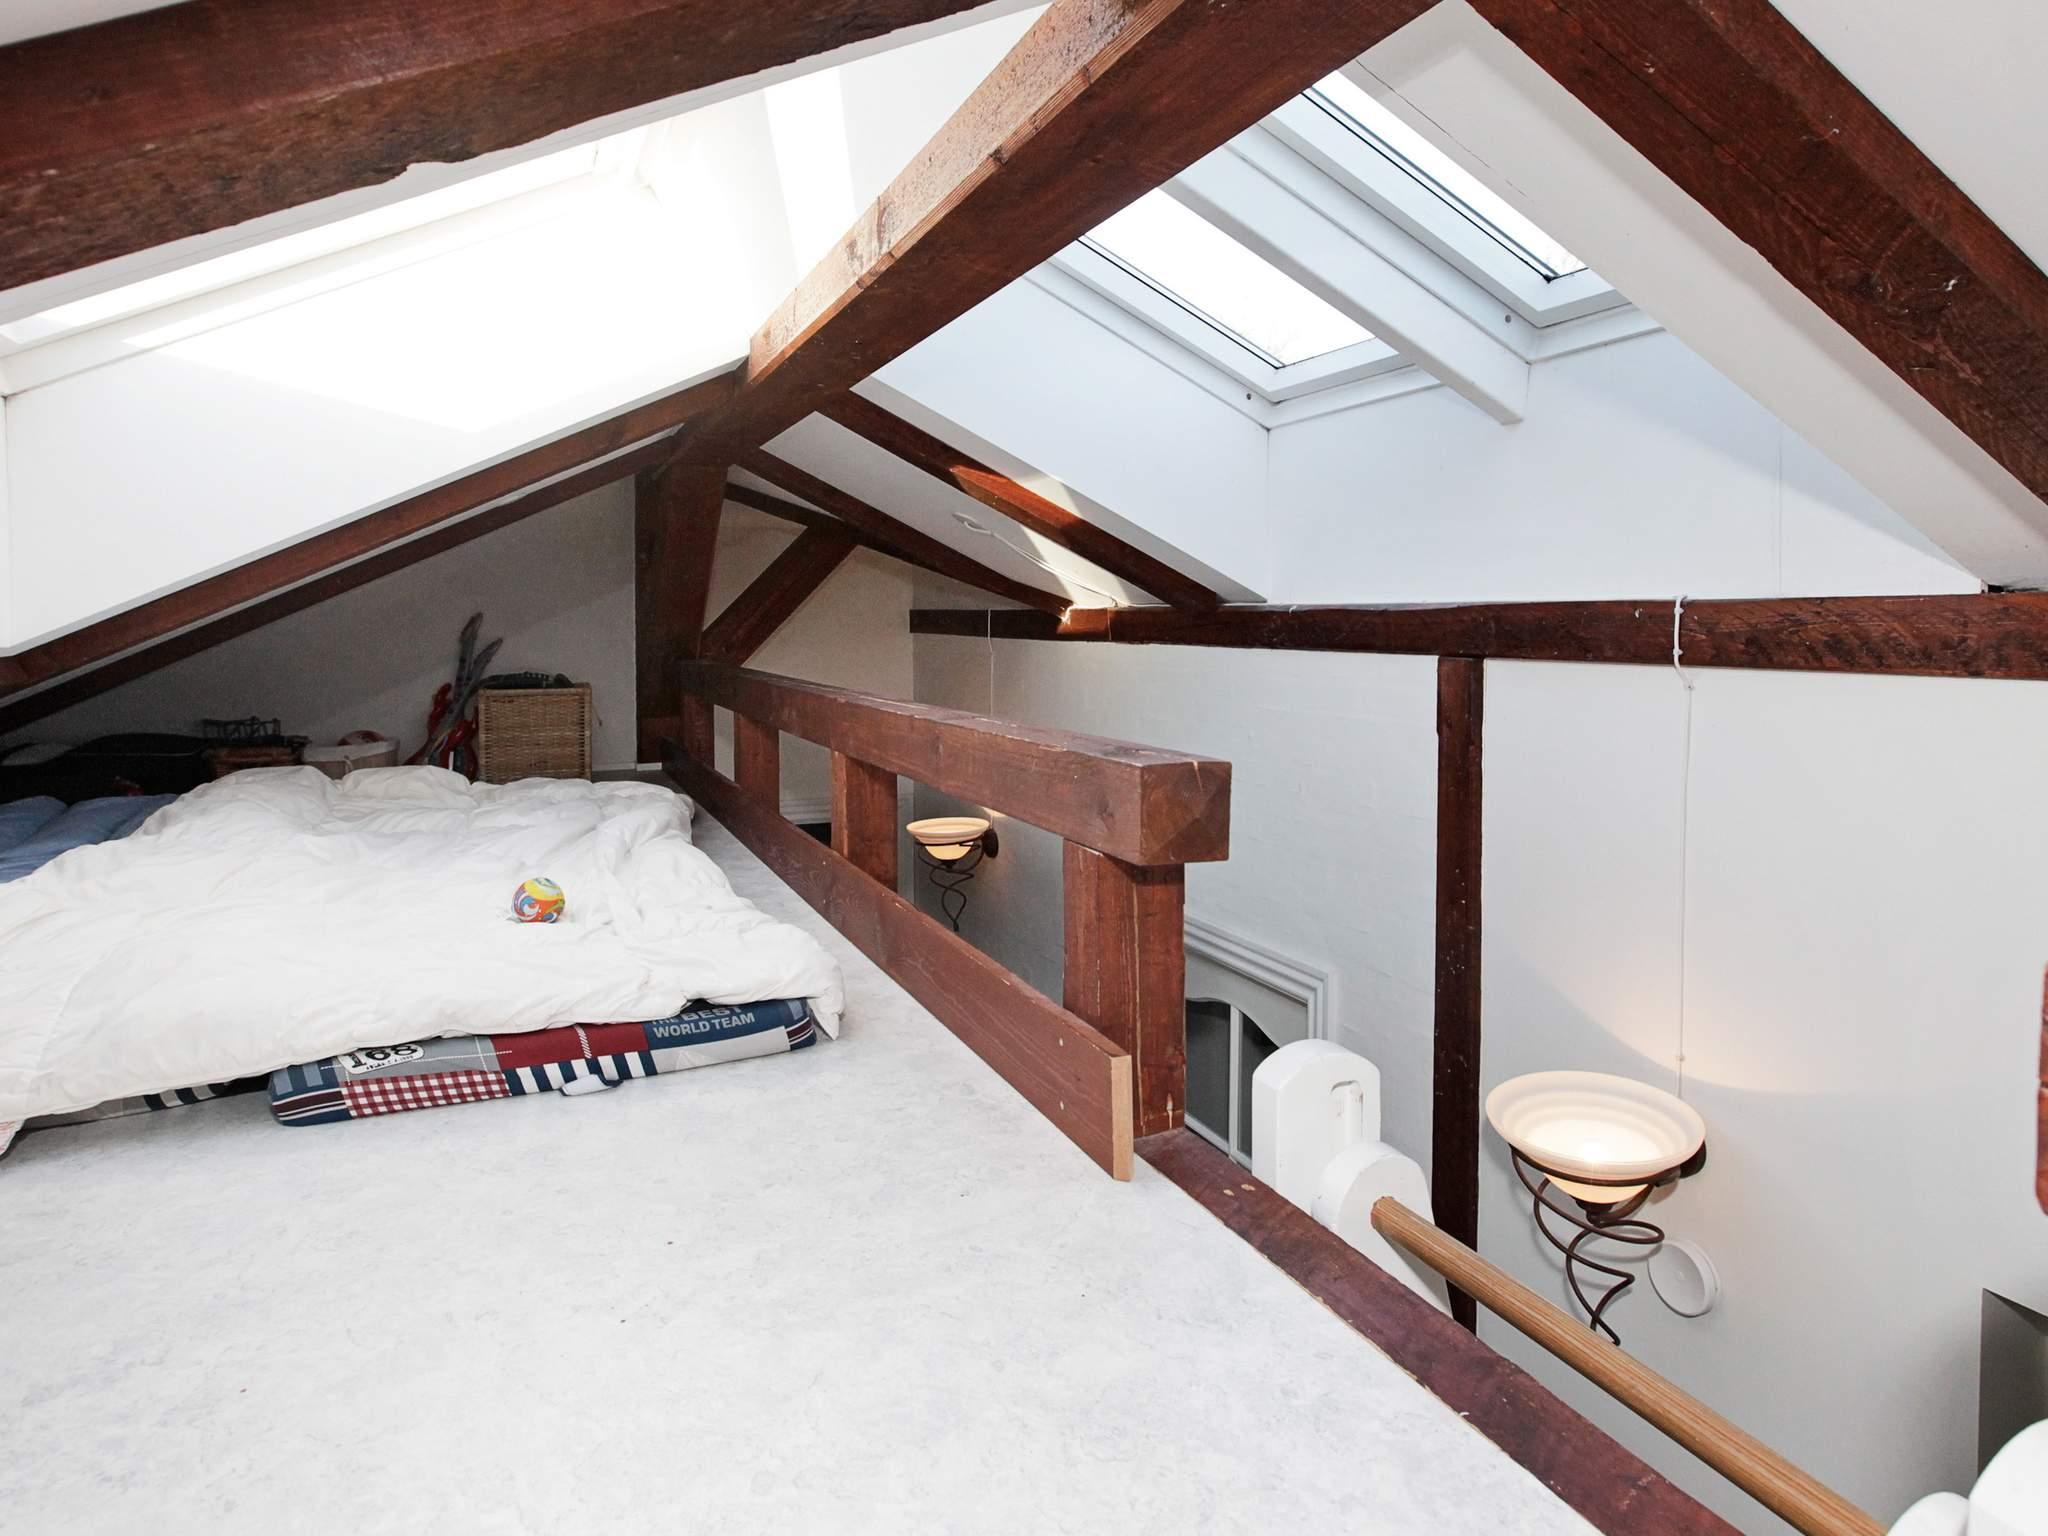 Ferienhaus Hou/Lagunen (317346), Hou, , Nordostjütland, Dänemark, Bild 15